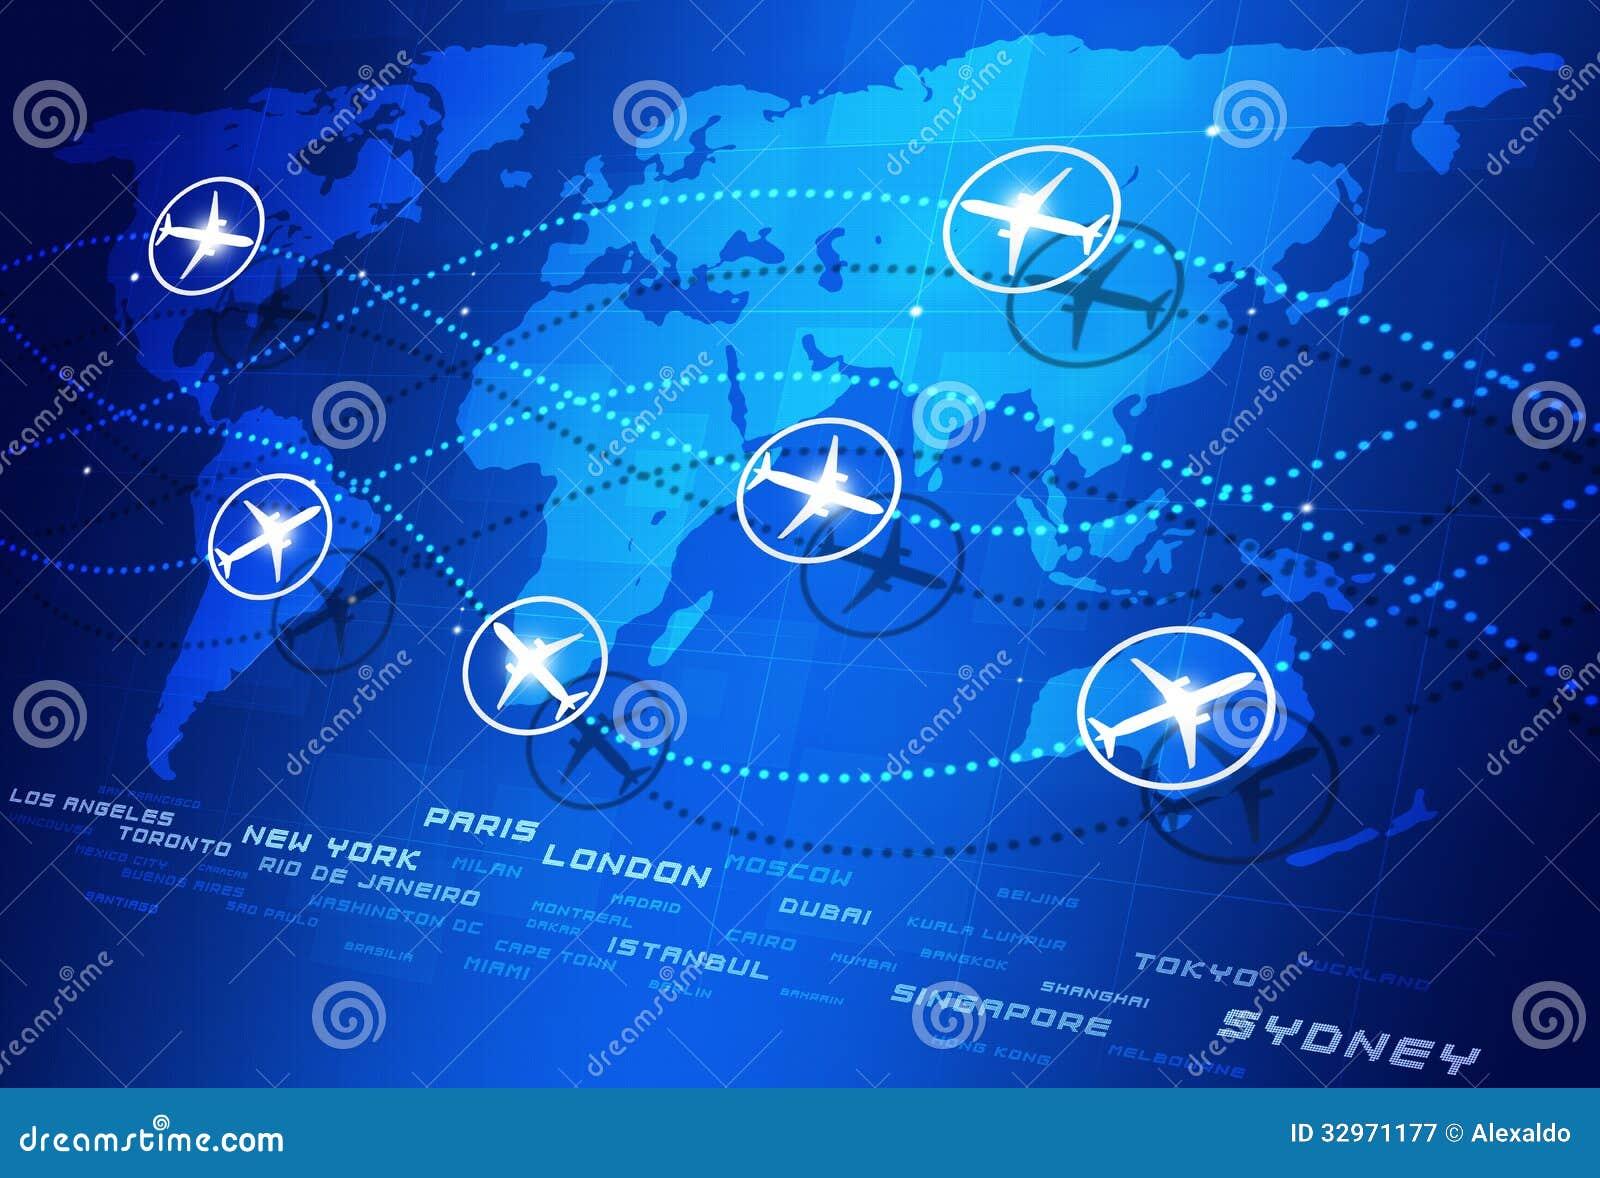 Aviation world majors